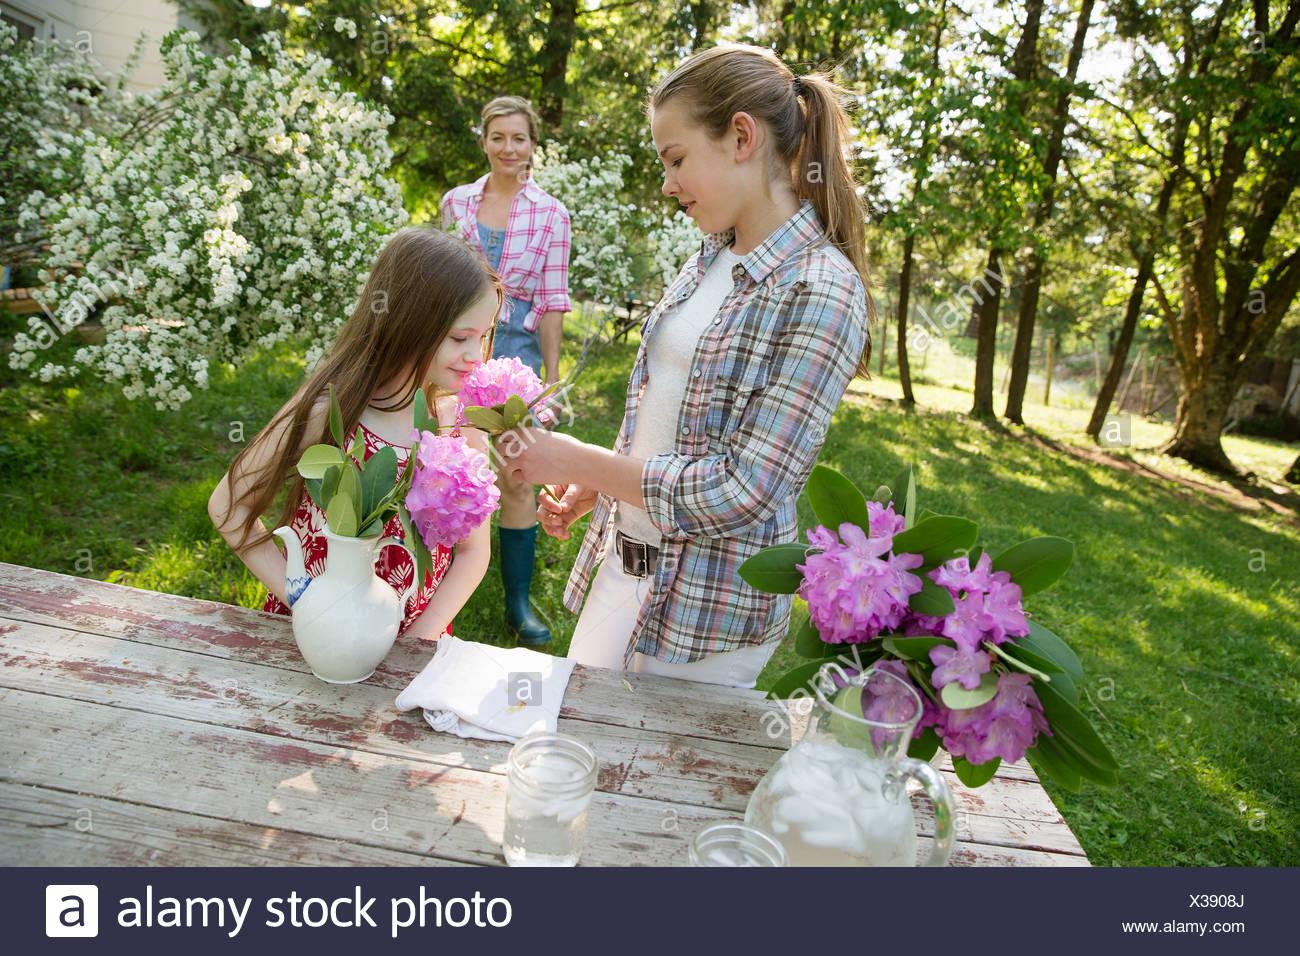 Trois personnes des fleurs et les disposer ensemble. Une femme mature, un adolescent et un enfant. Photo Stock